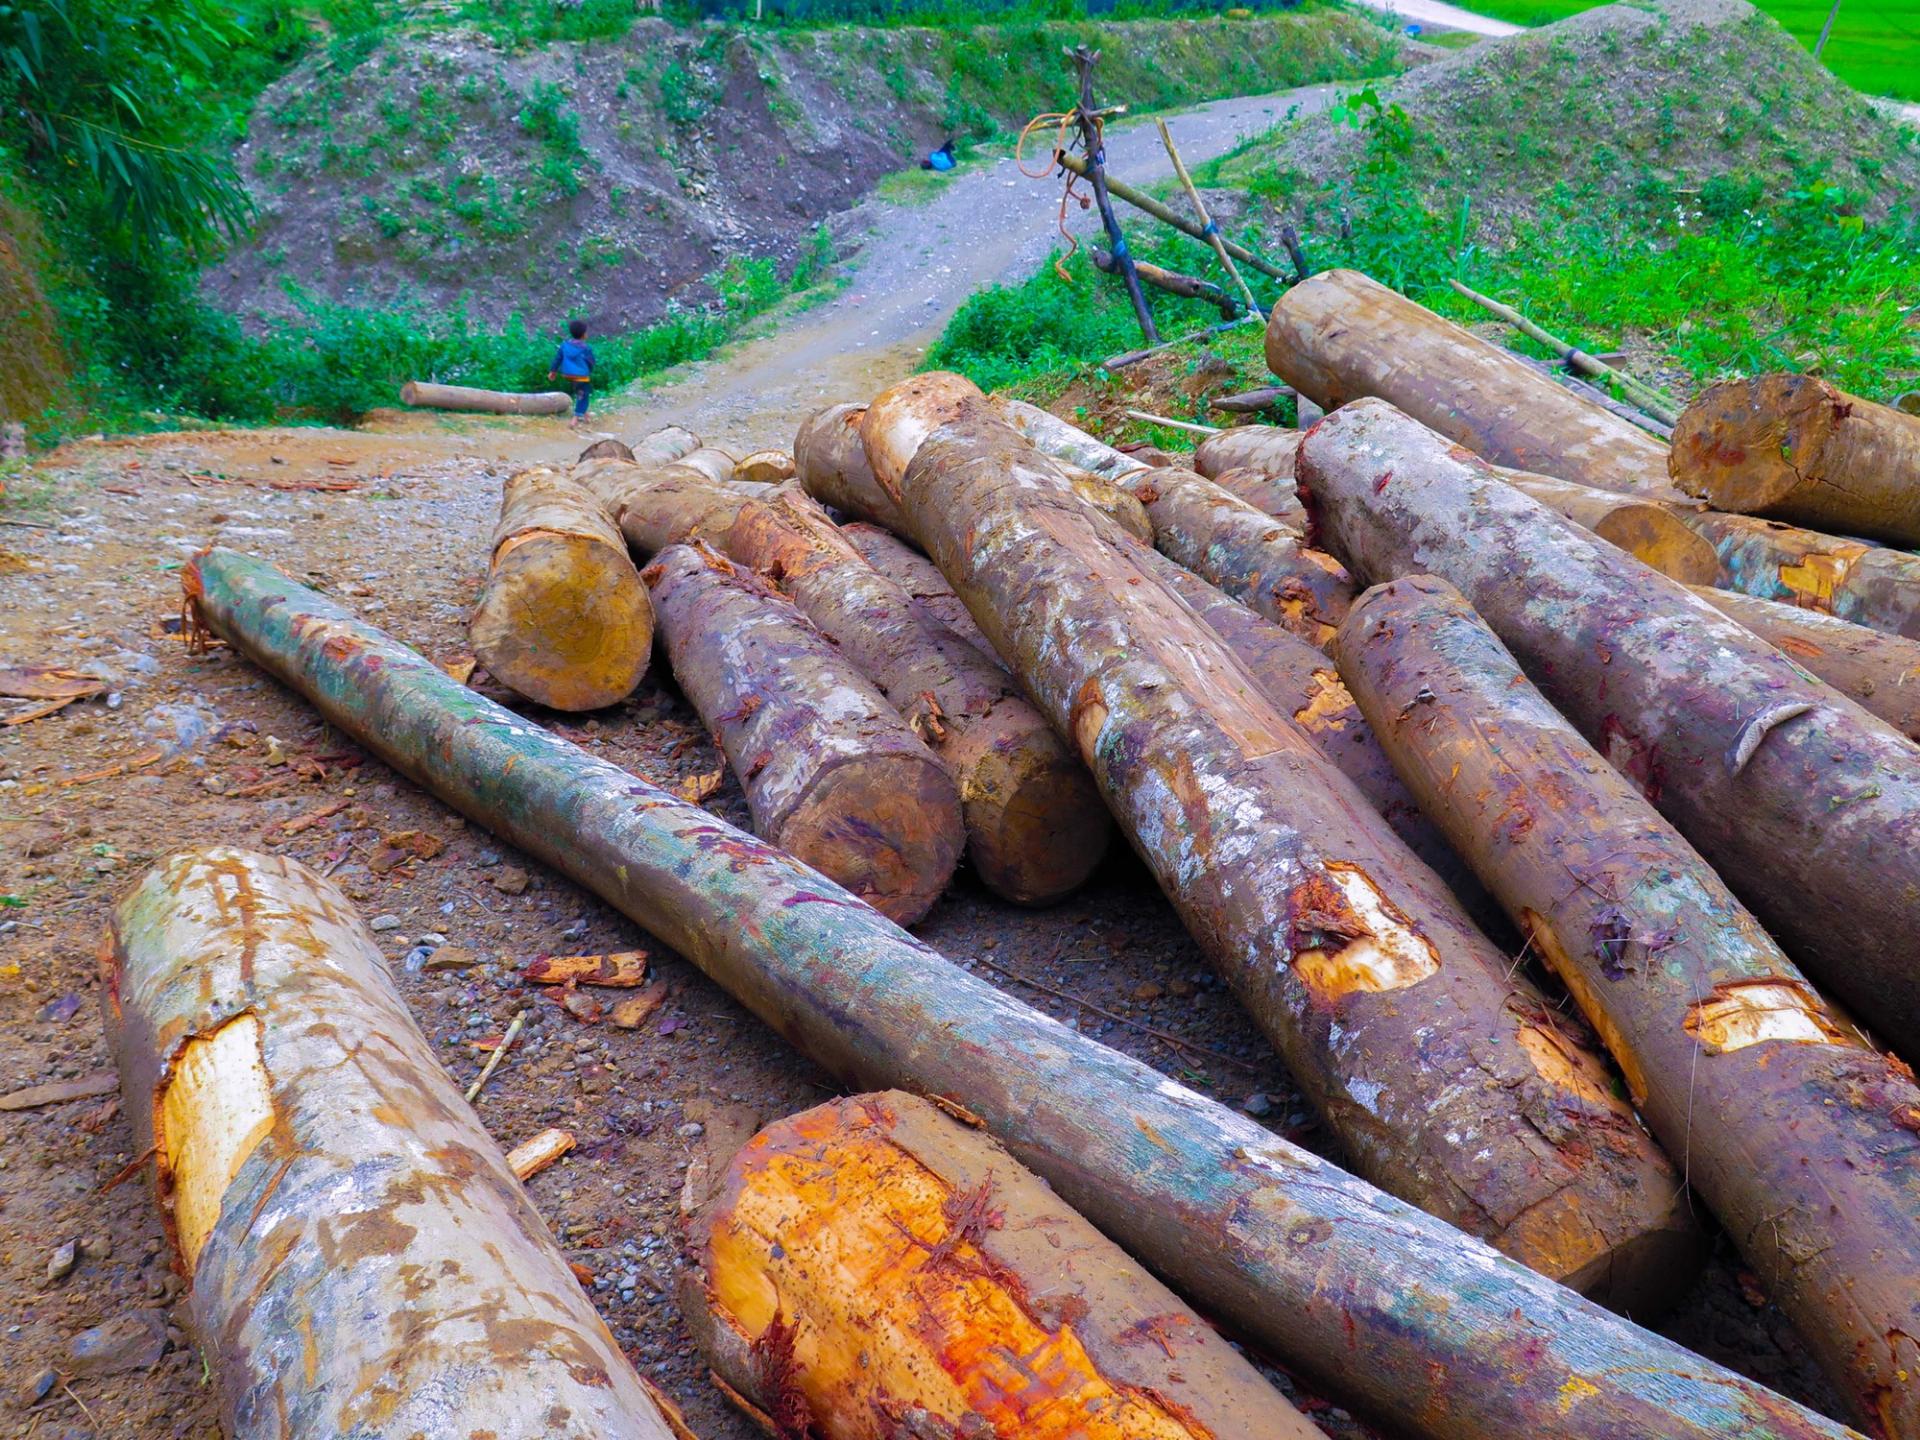 Tan nát rừng đầu nguồn: Cận cảnh rừng phòng hộ bị phá - Ảnh 1.